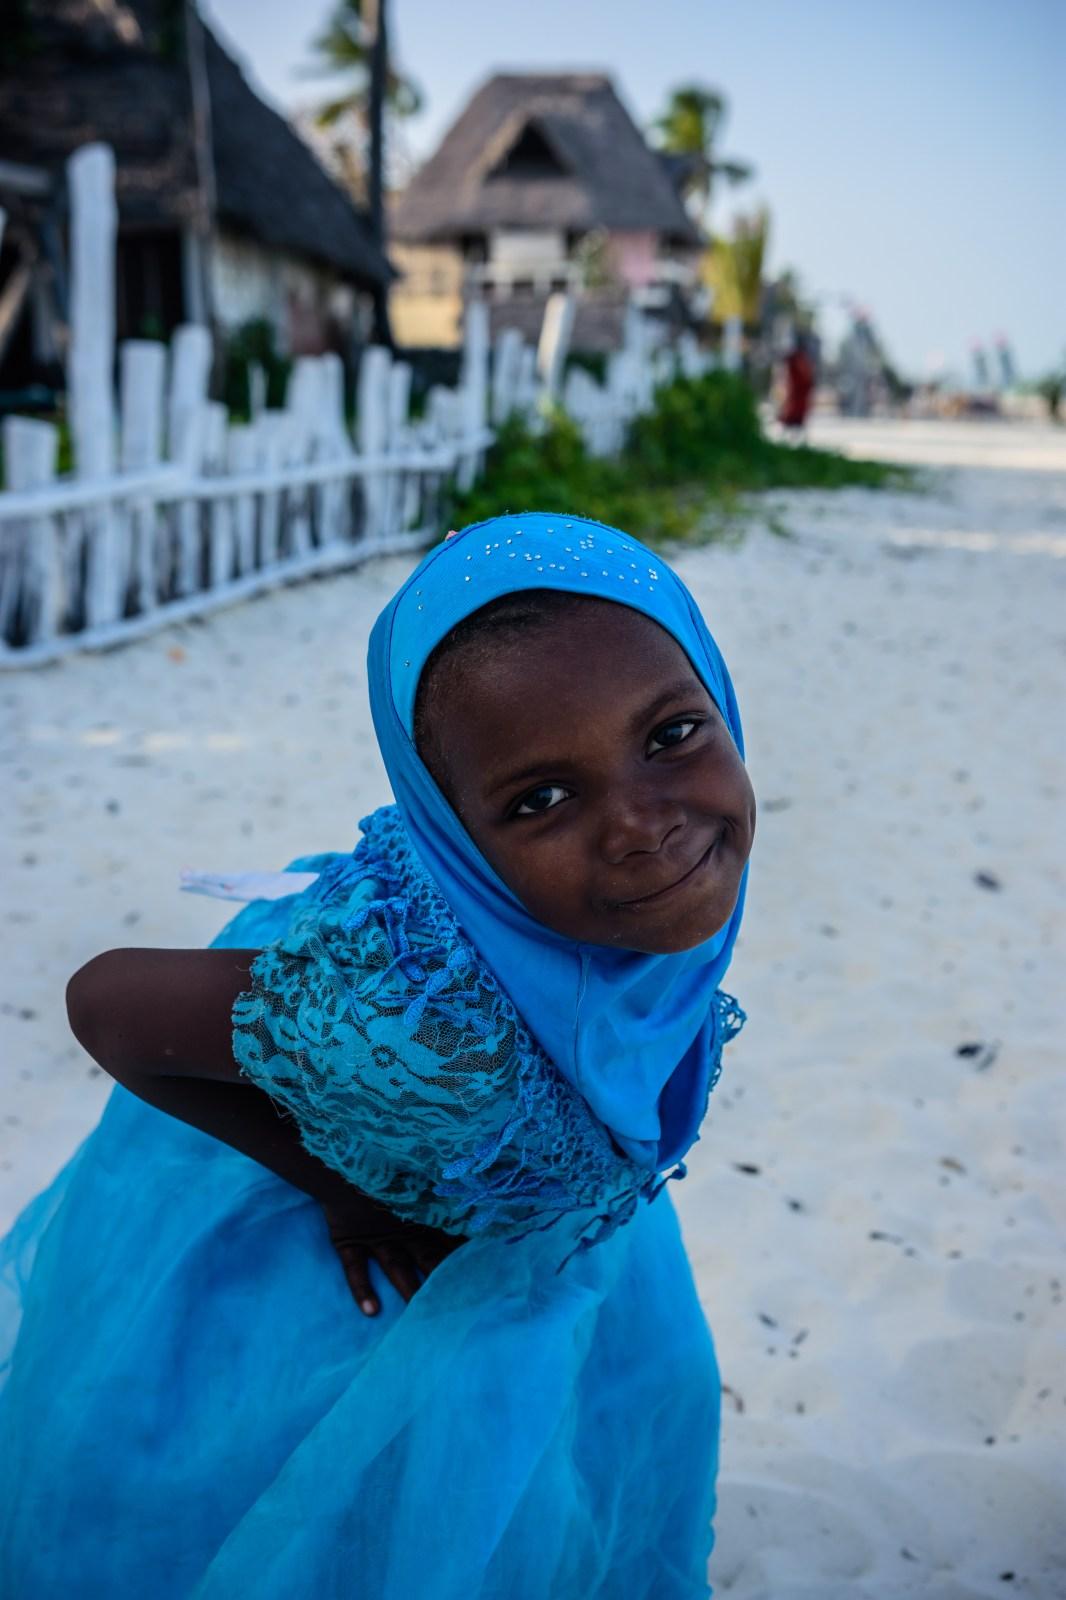 Надя - едно от децата на Занзибар